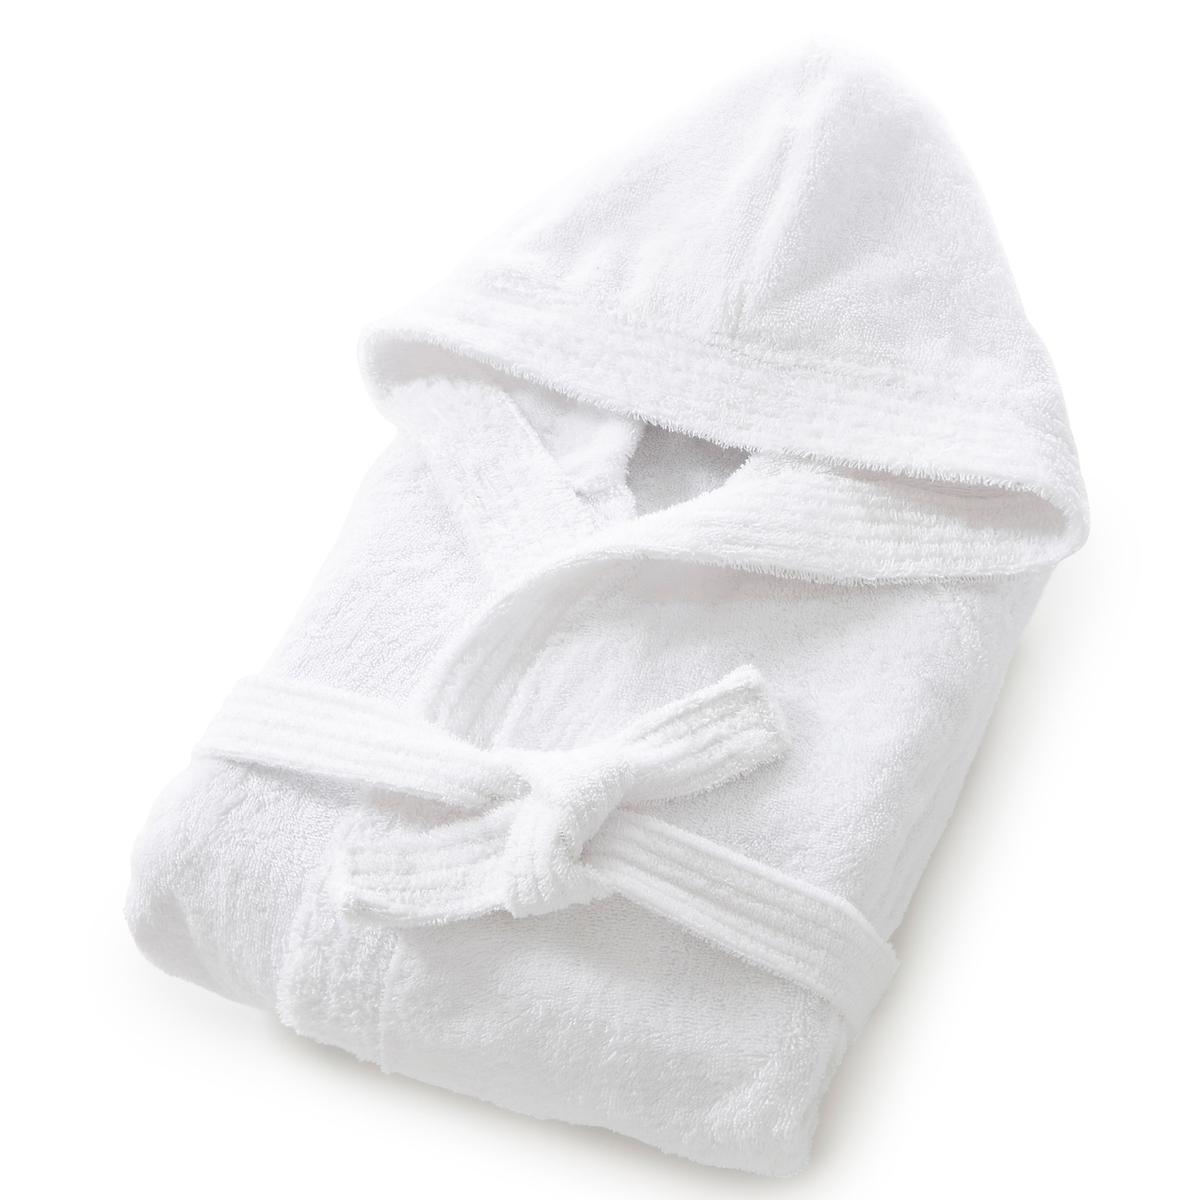 Халат с капюшоном, махровая ткань, 450 г/м², качество Best